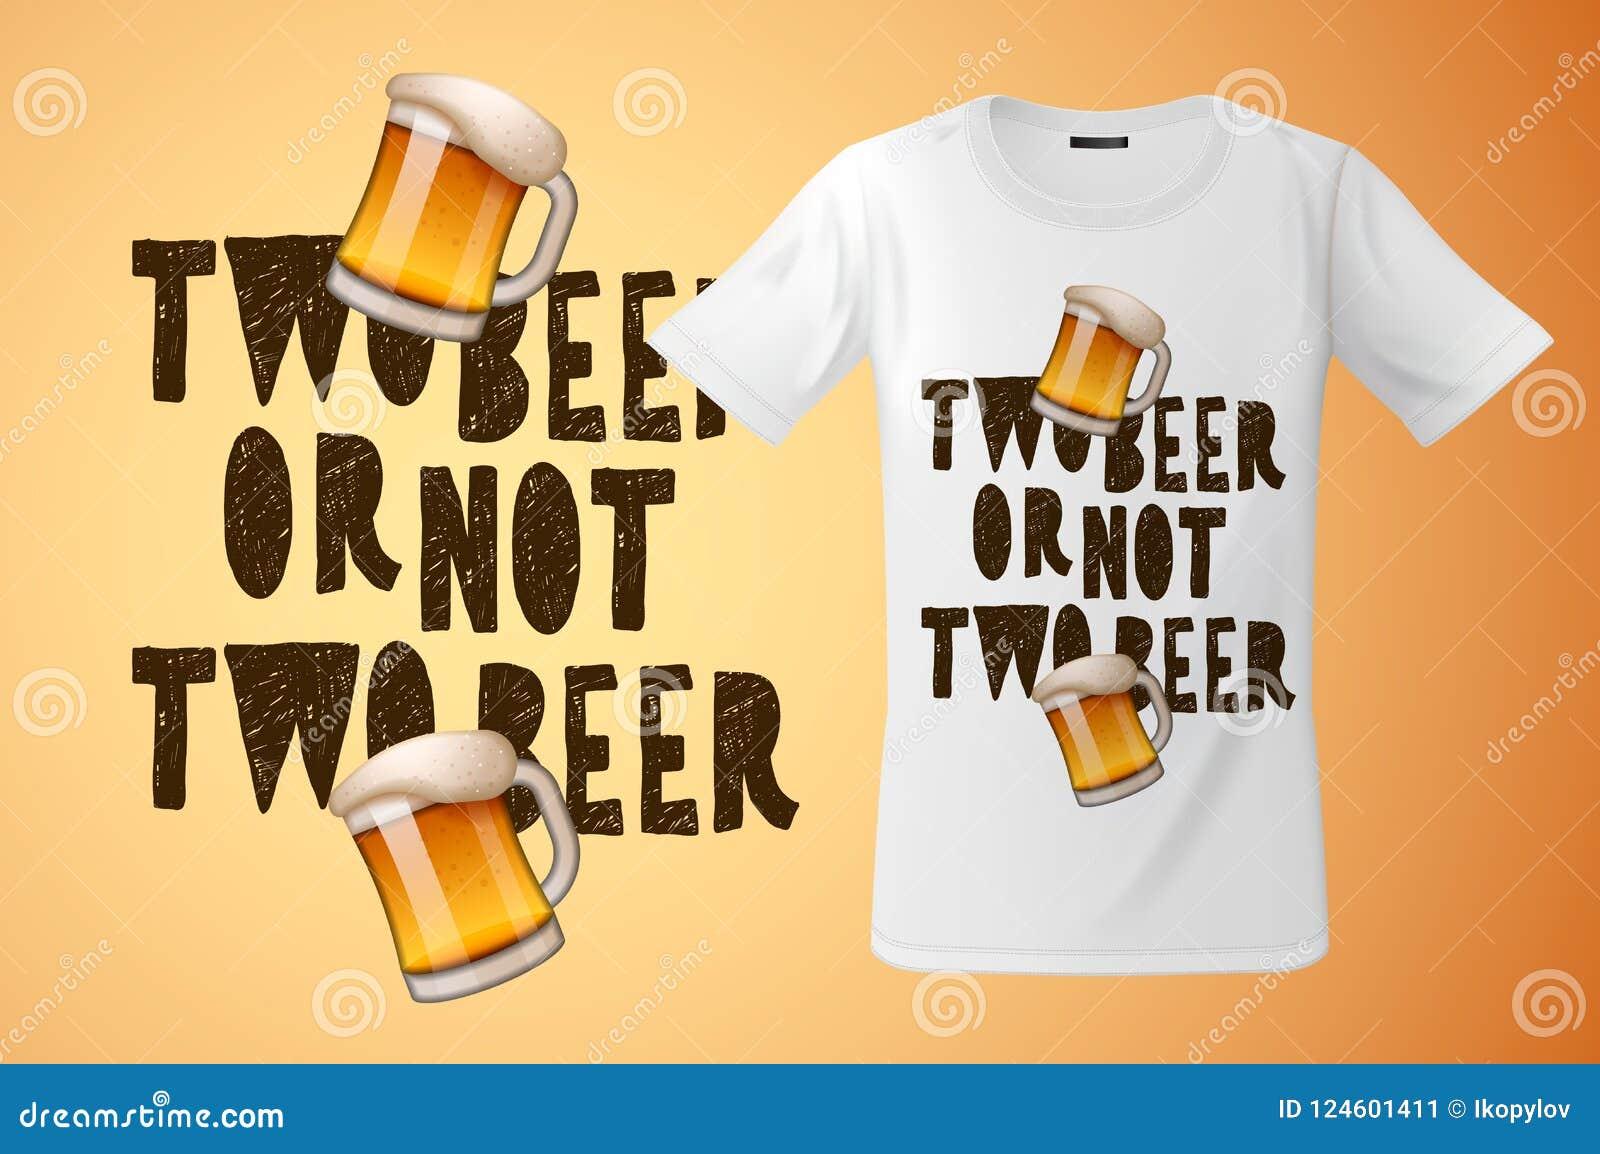 Bij twee of niet twee bierslogan grafisch voor t-shirtontwerp, moderne druk, herinneringen en ander gebruik, vectorillustratie